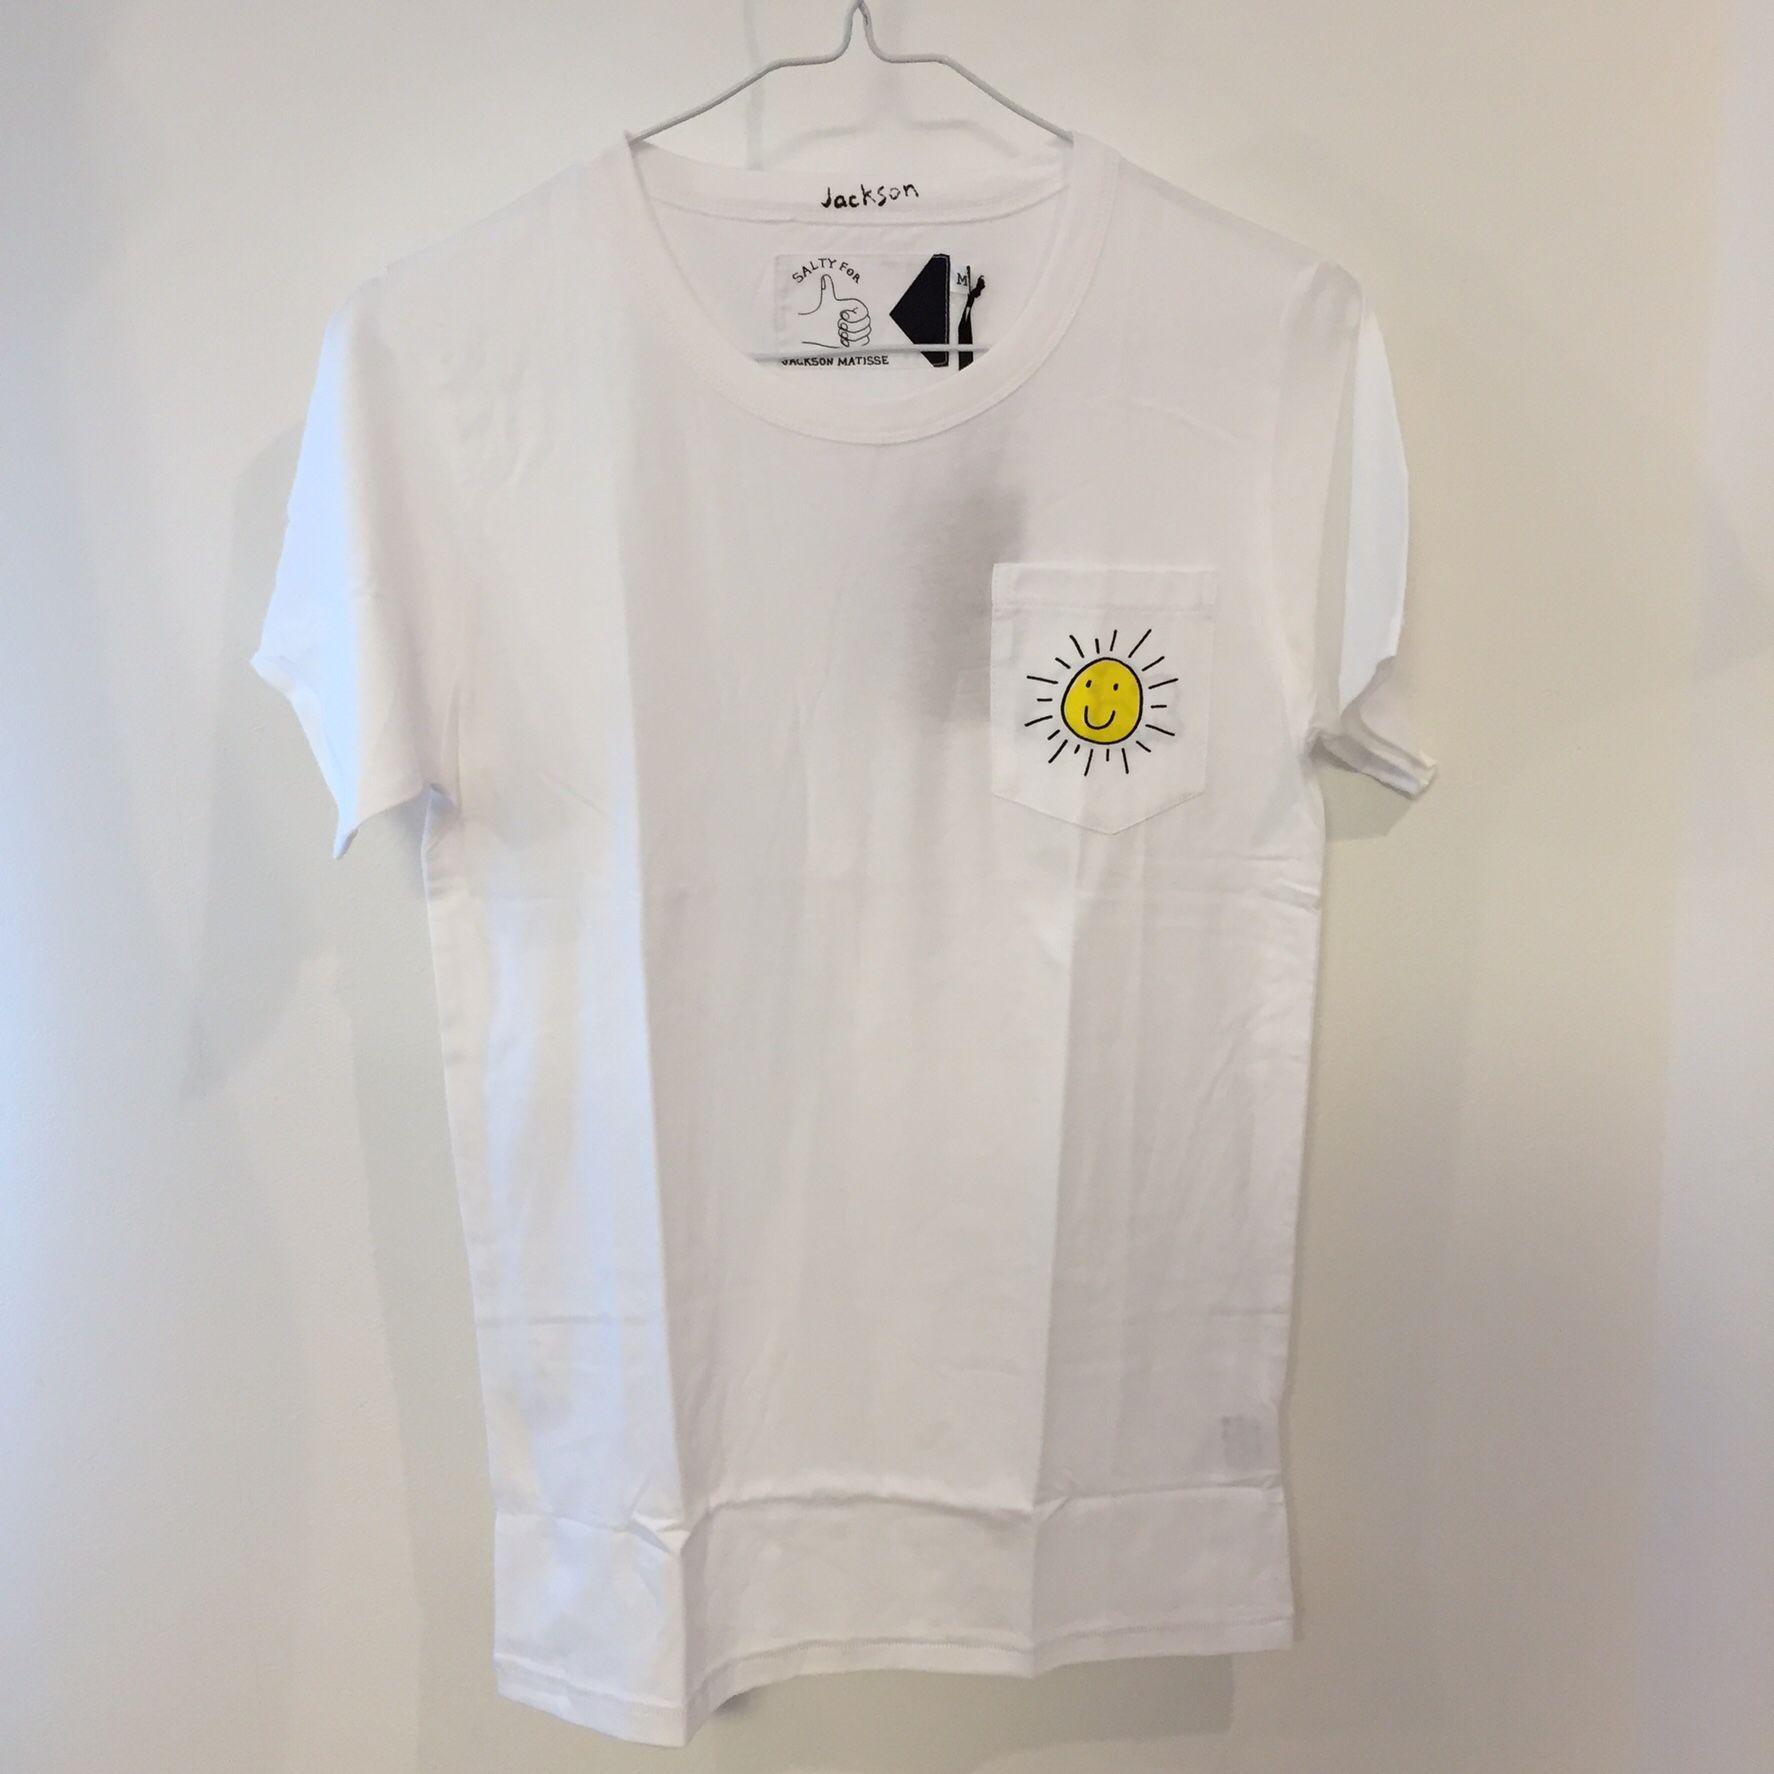 ソルティーズ×ジャクソンマティス/Salty's×JacksonMatisse Reversible Weather Pocket Tee コラボTシャツ